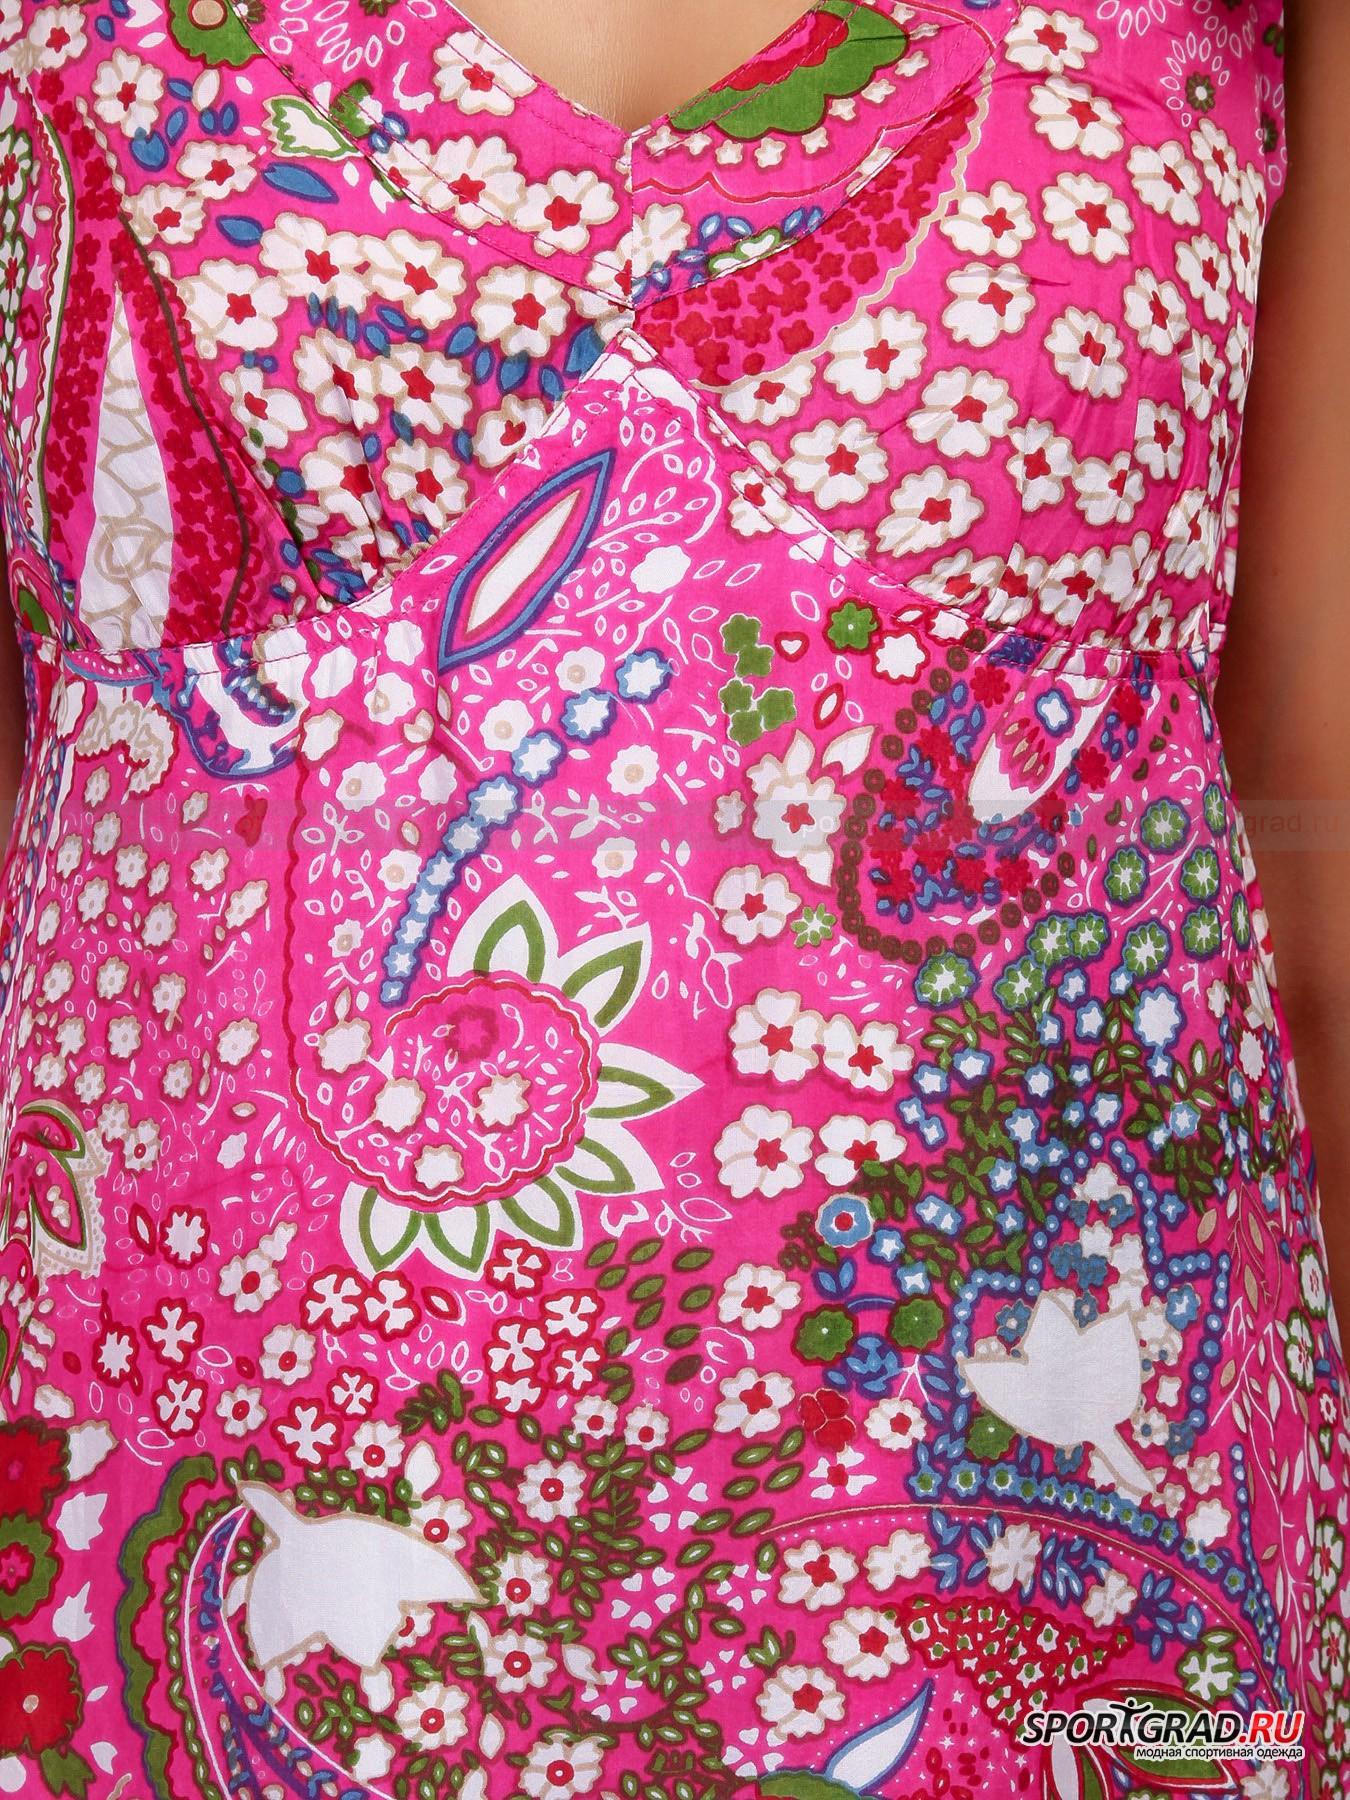 Сарафан женский шелковый Holly FIRE&ICE на хлопковой подкладке от Спортград